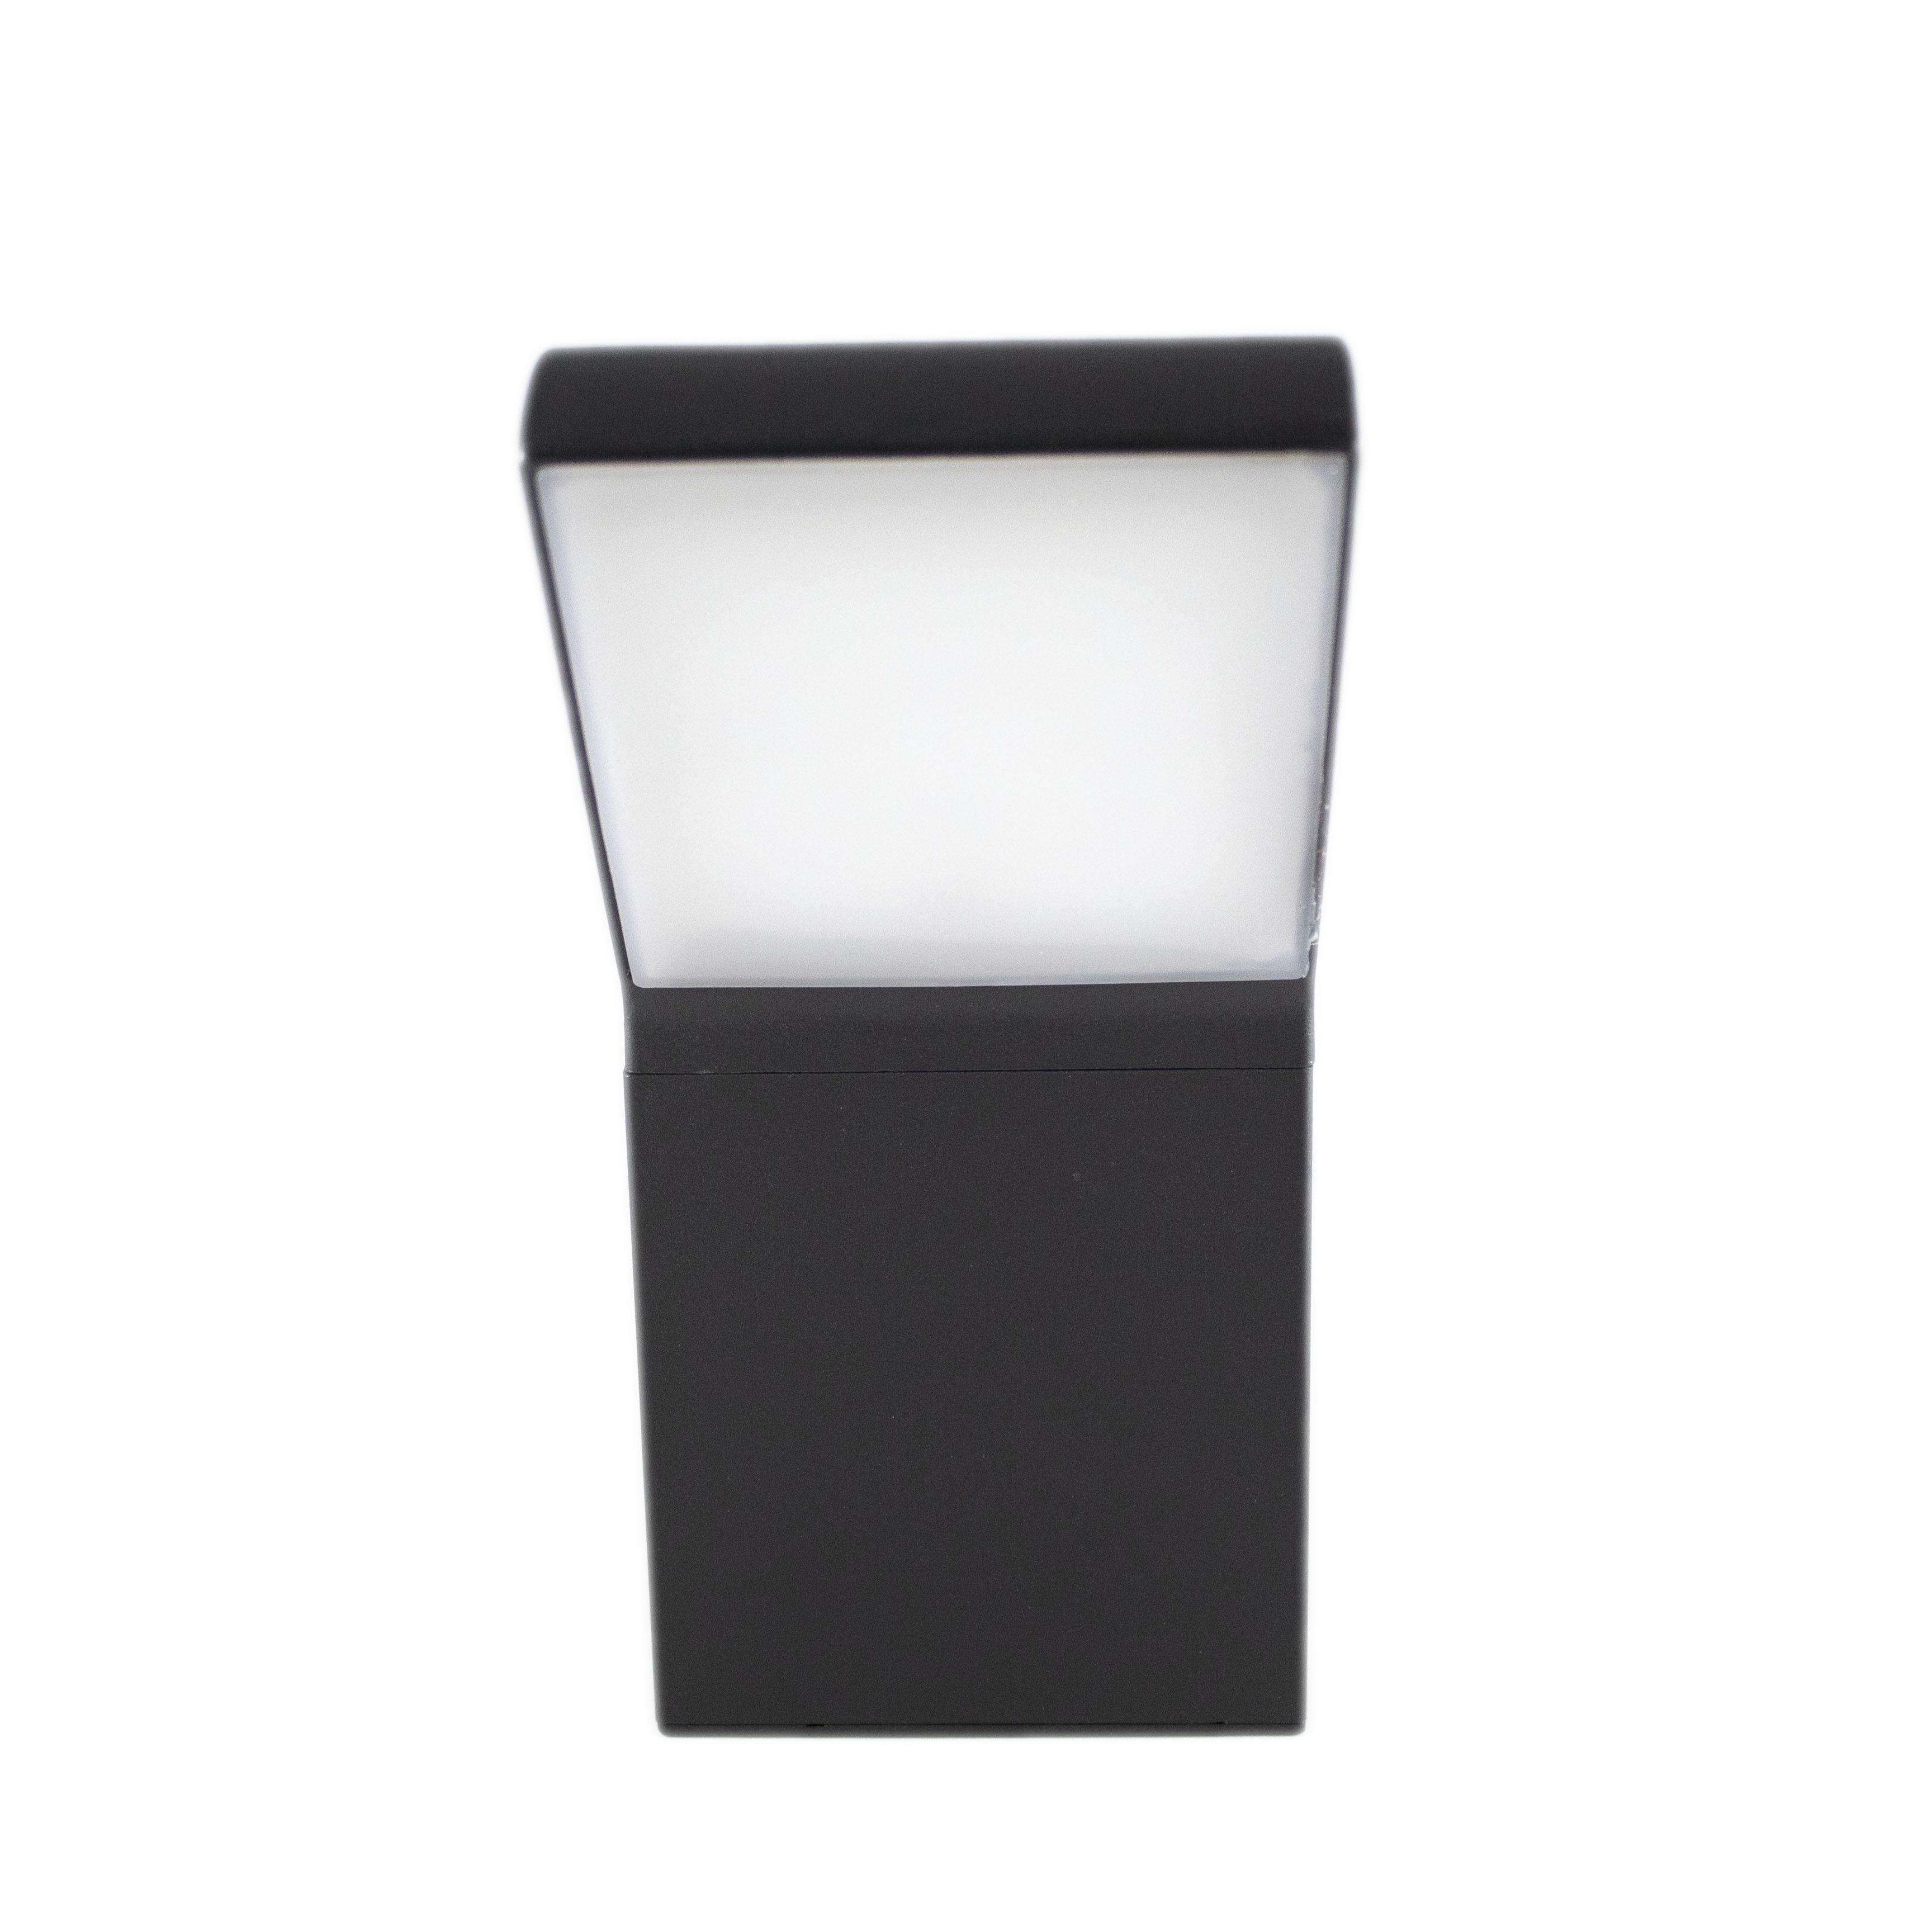 Wandlamp buiten 12 watt 4000K - naturel wit - vooraanzicht